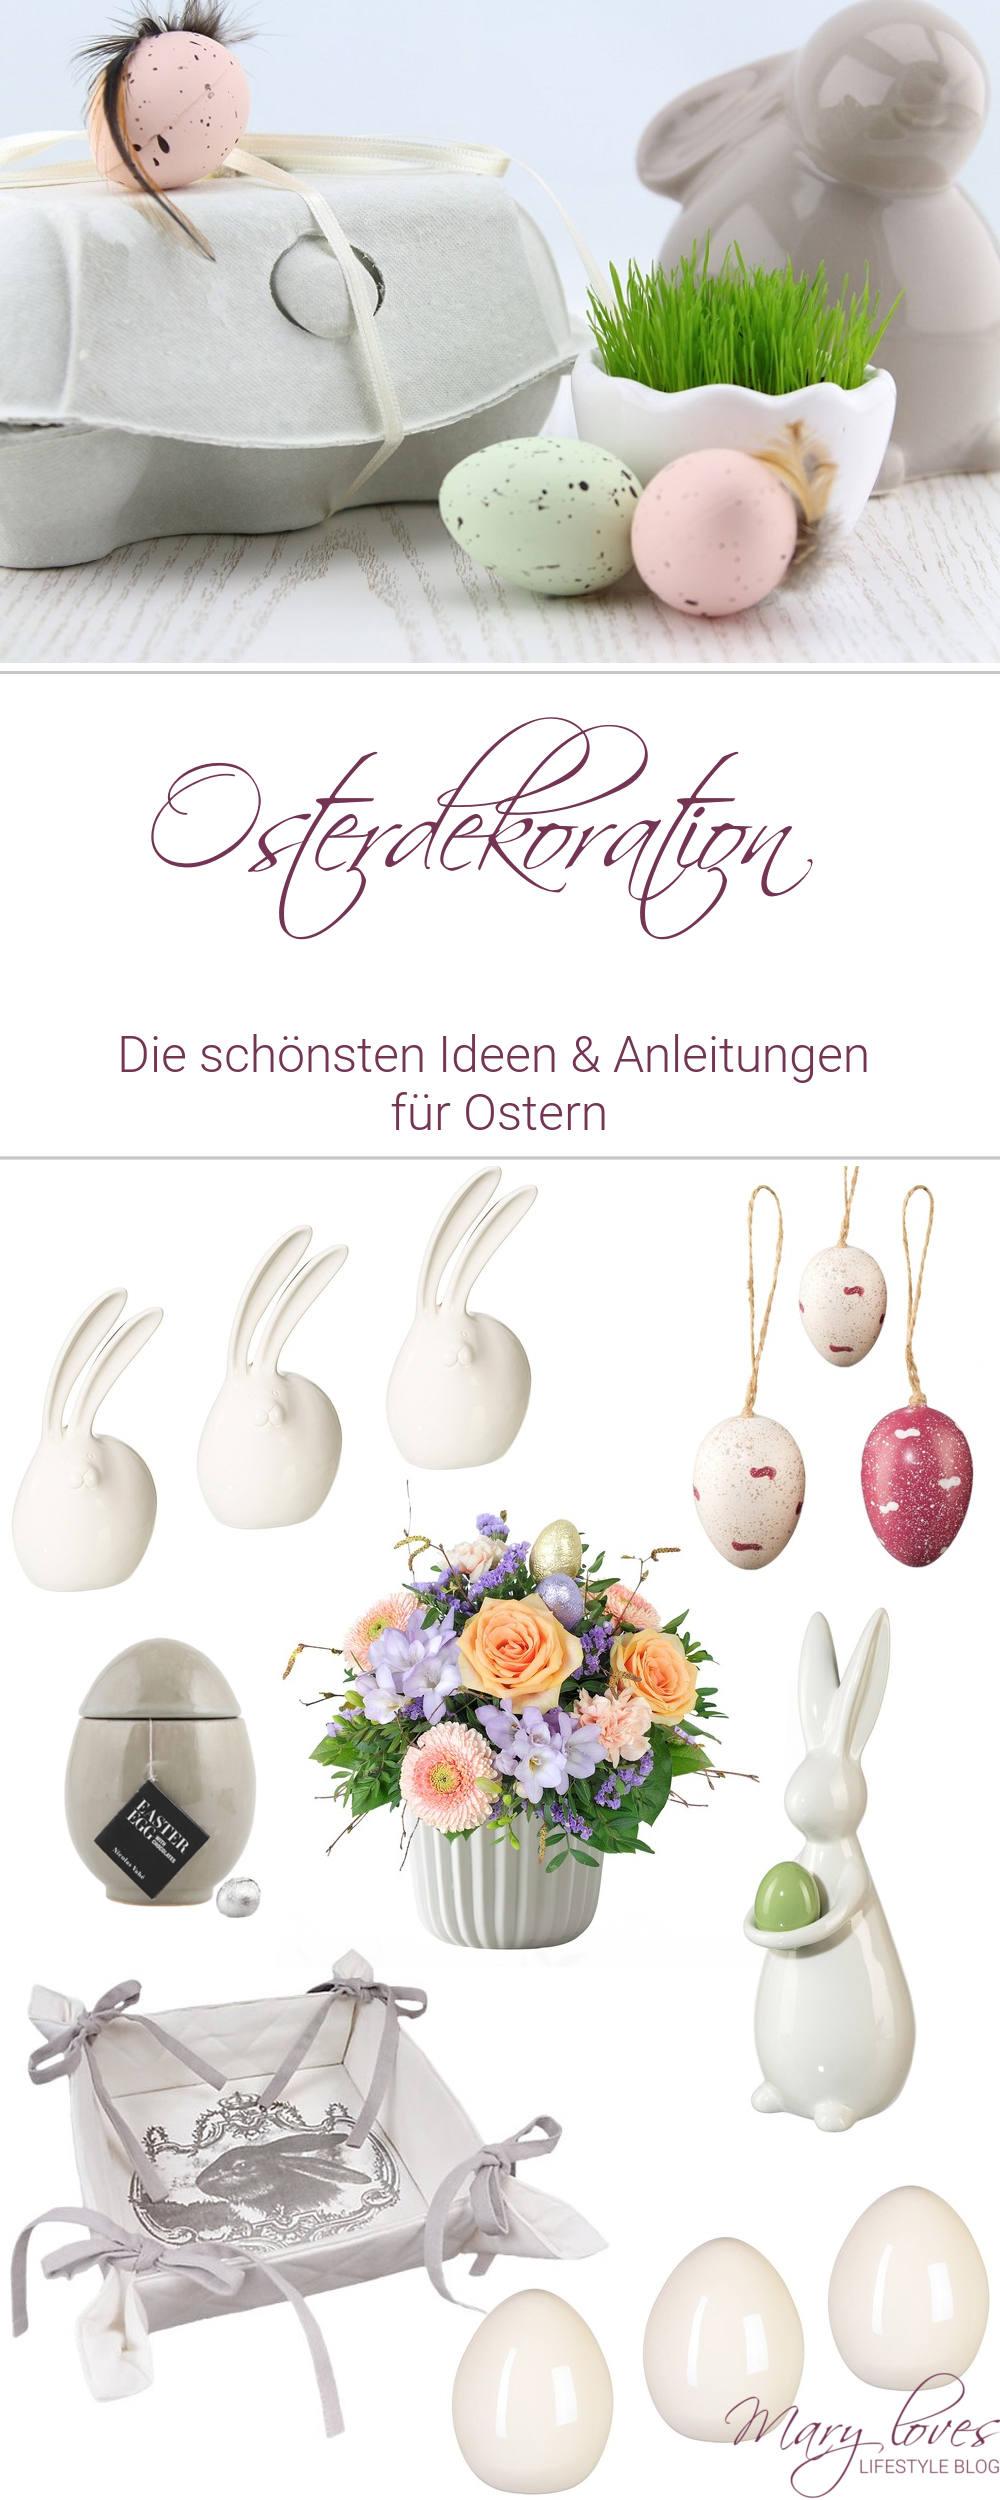 Osterdeko - Die schönsten Ideen und Anleitungen - #ostern #osterdeko #osterdekoration #osterdiy #osterbasteln #ostereier #osterhasen